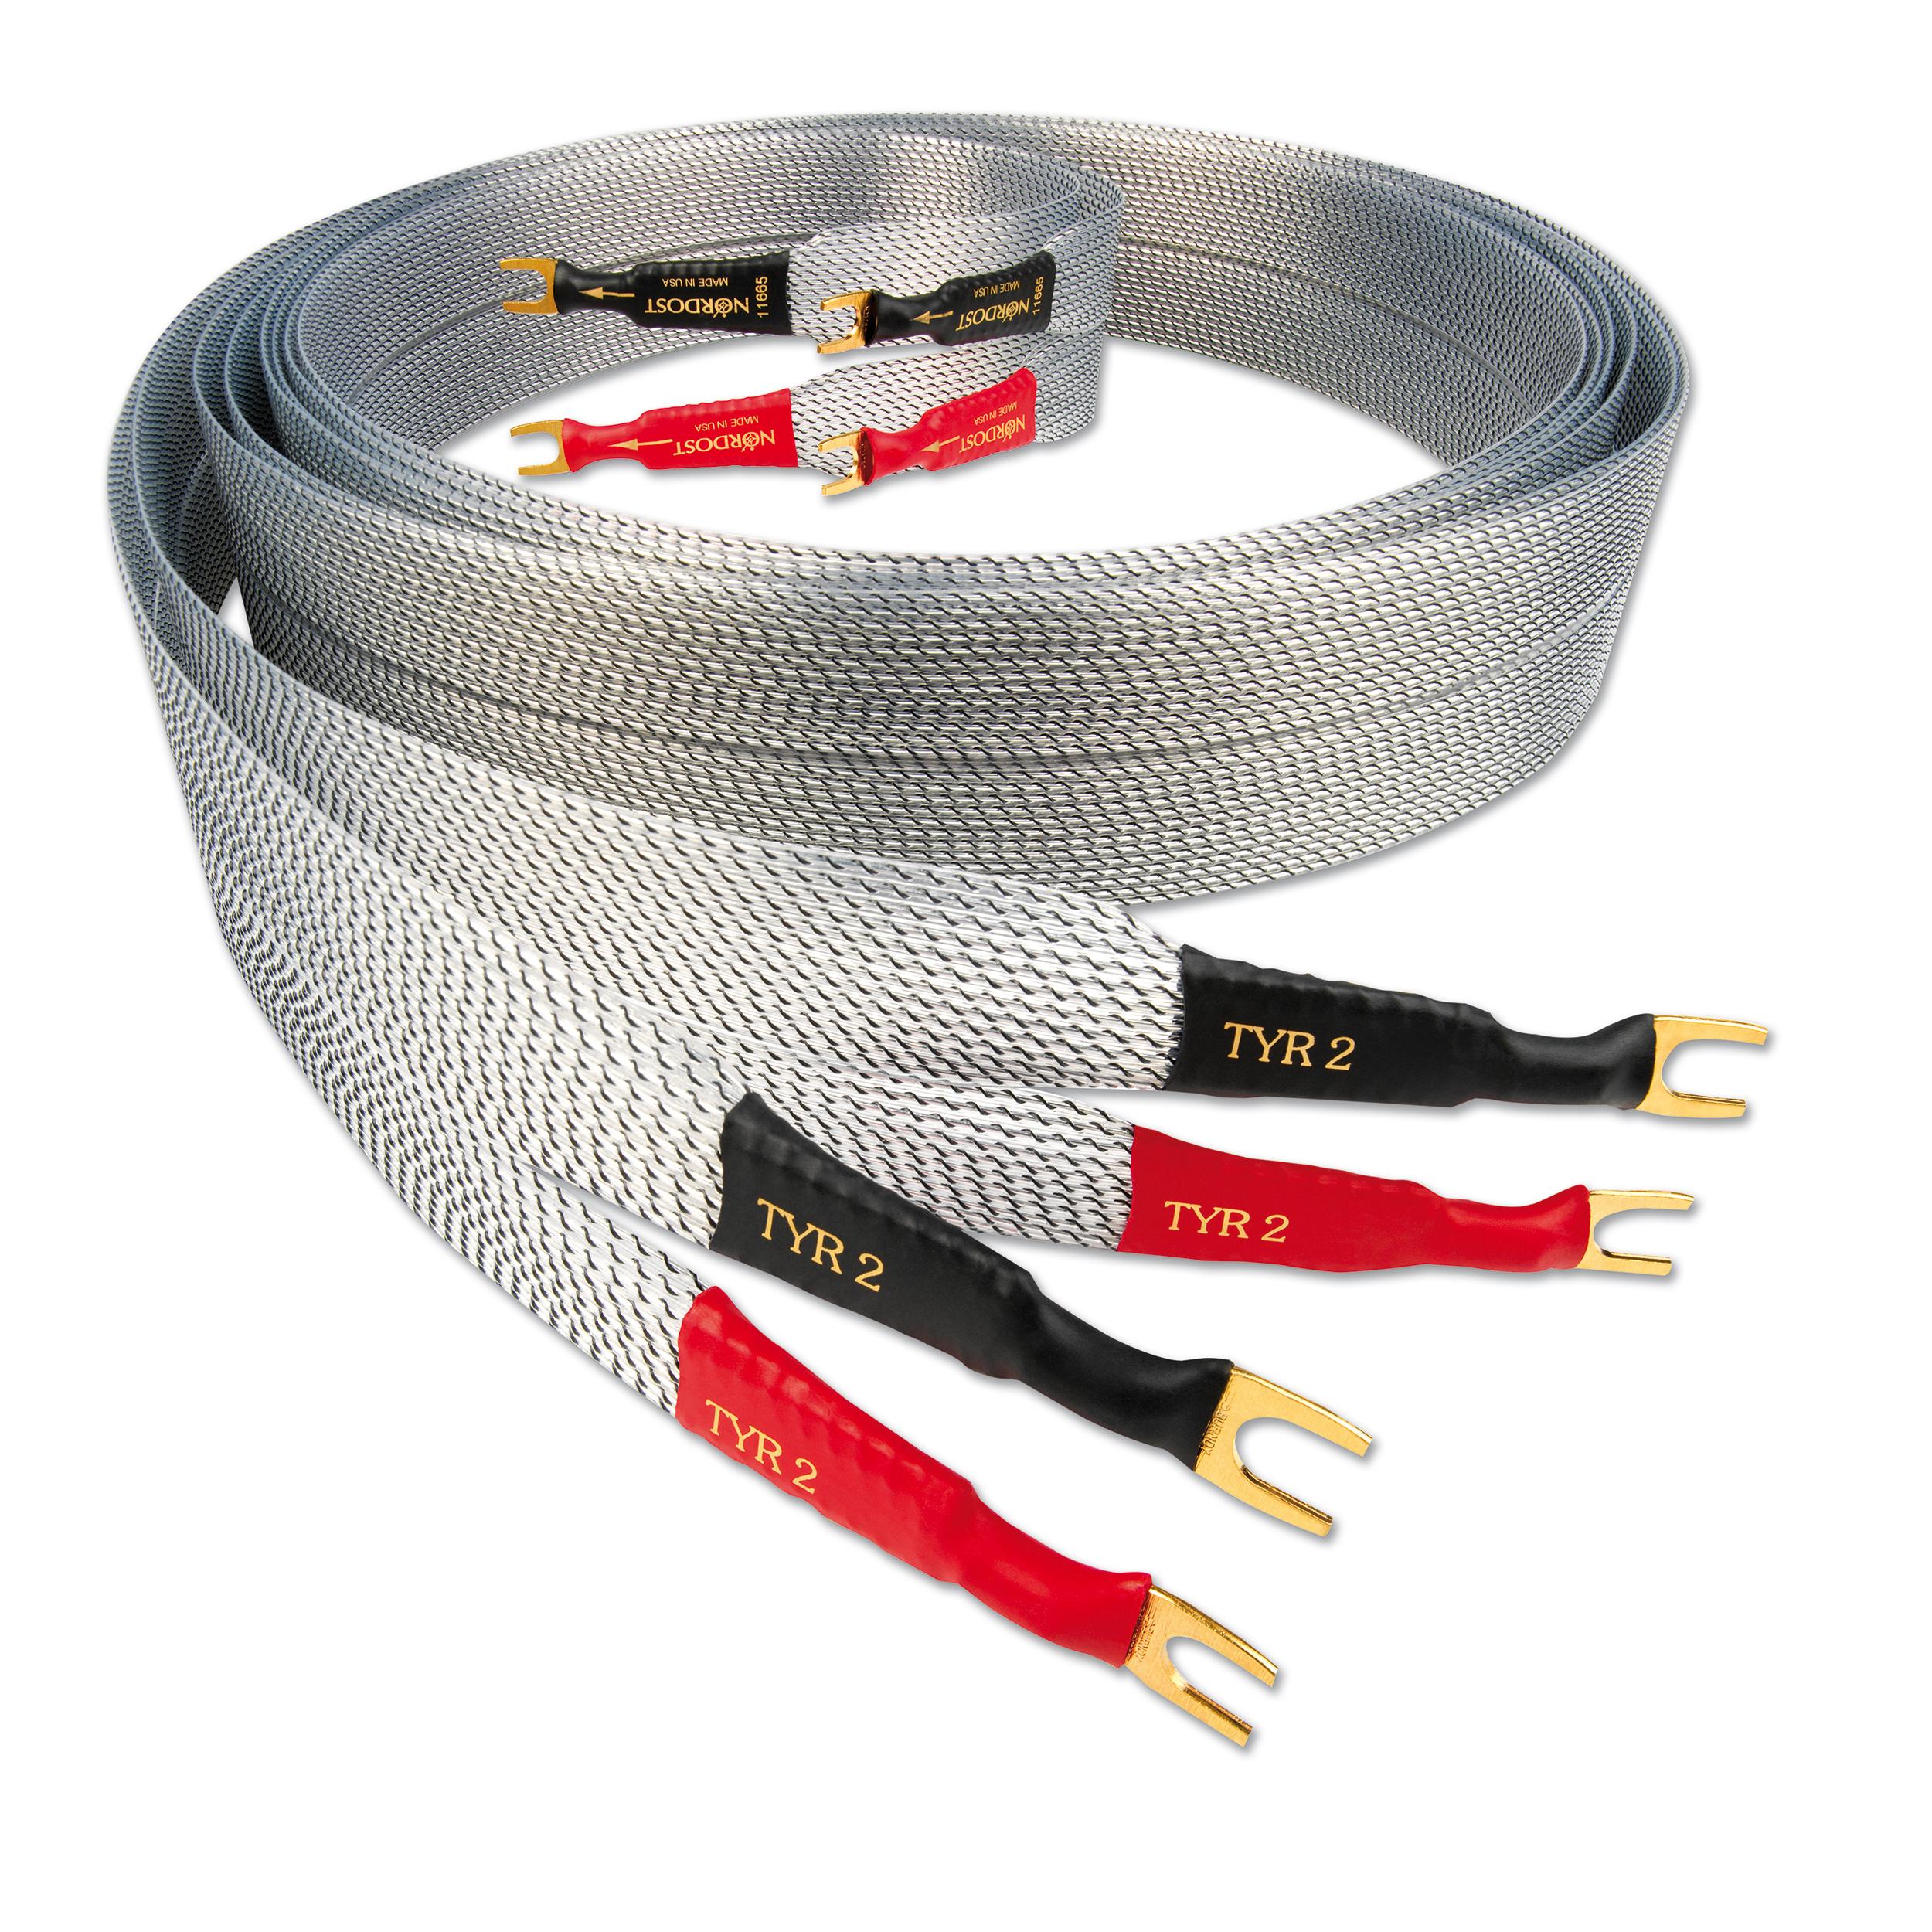 Lg-tyr2-speaker-cable-spade-lightbox.jpg